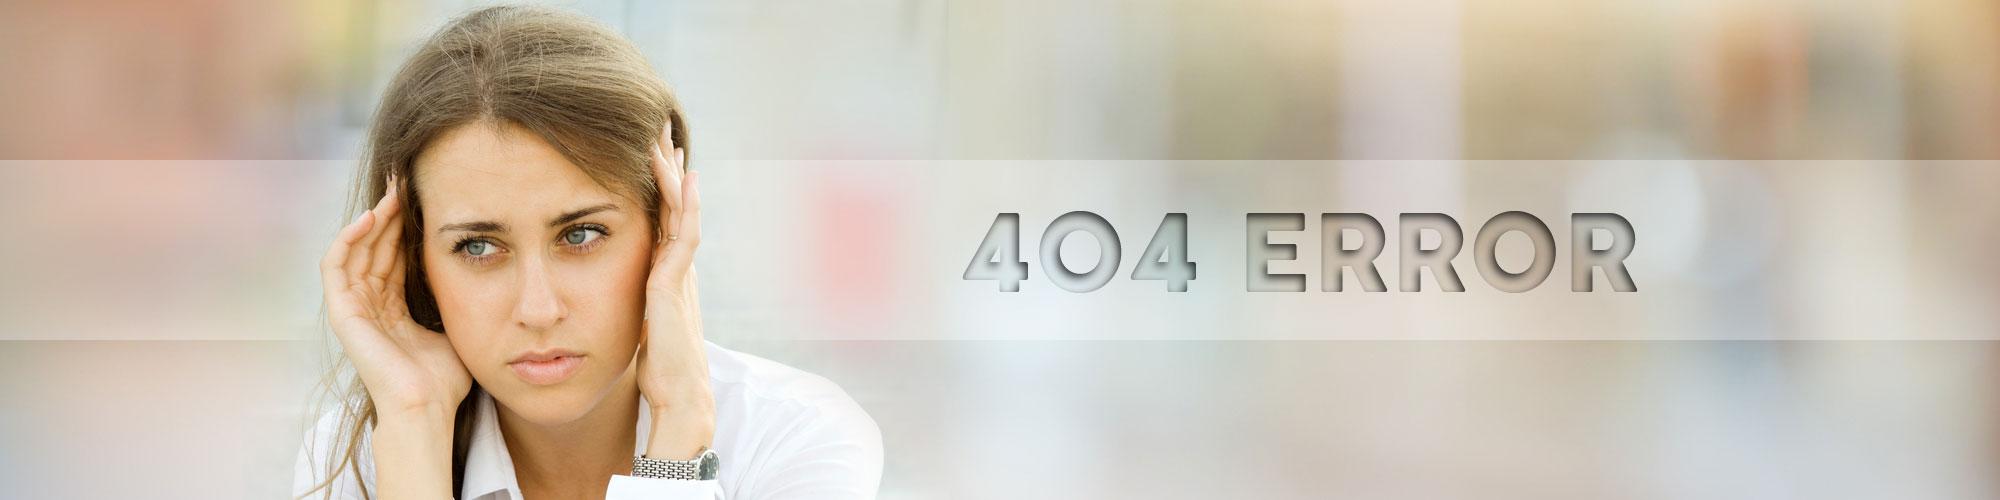 404-errror.jpg